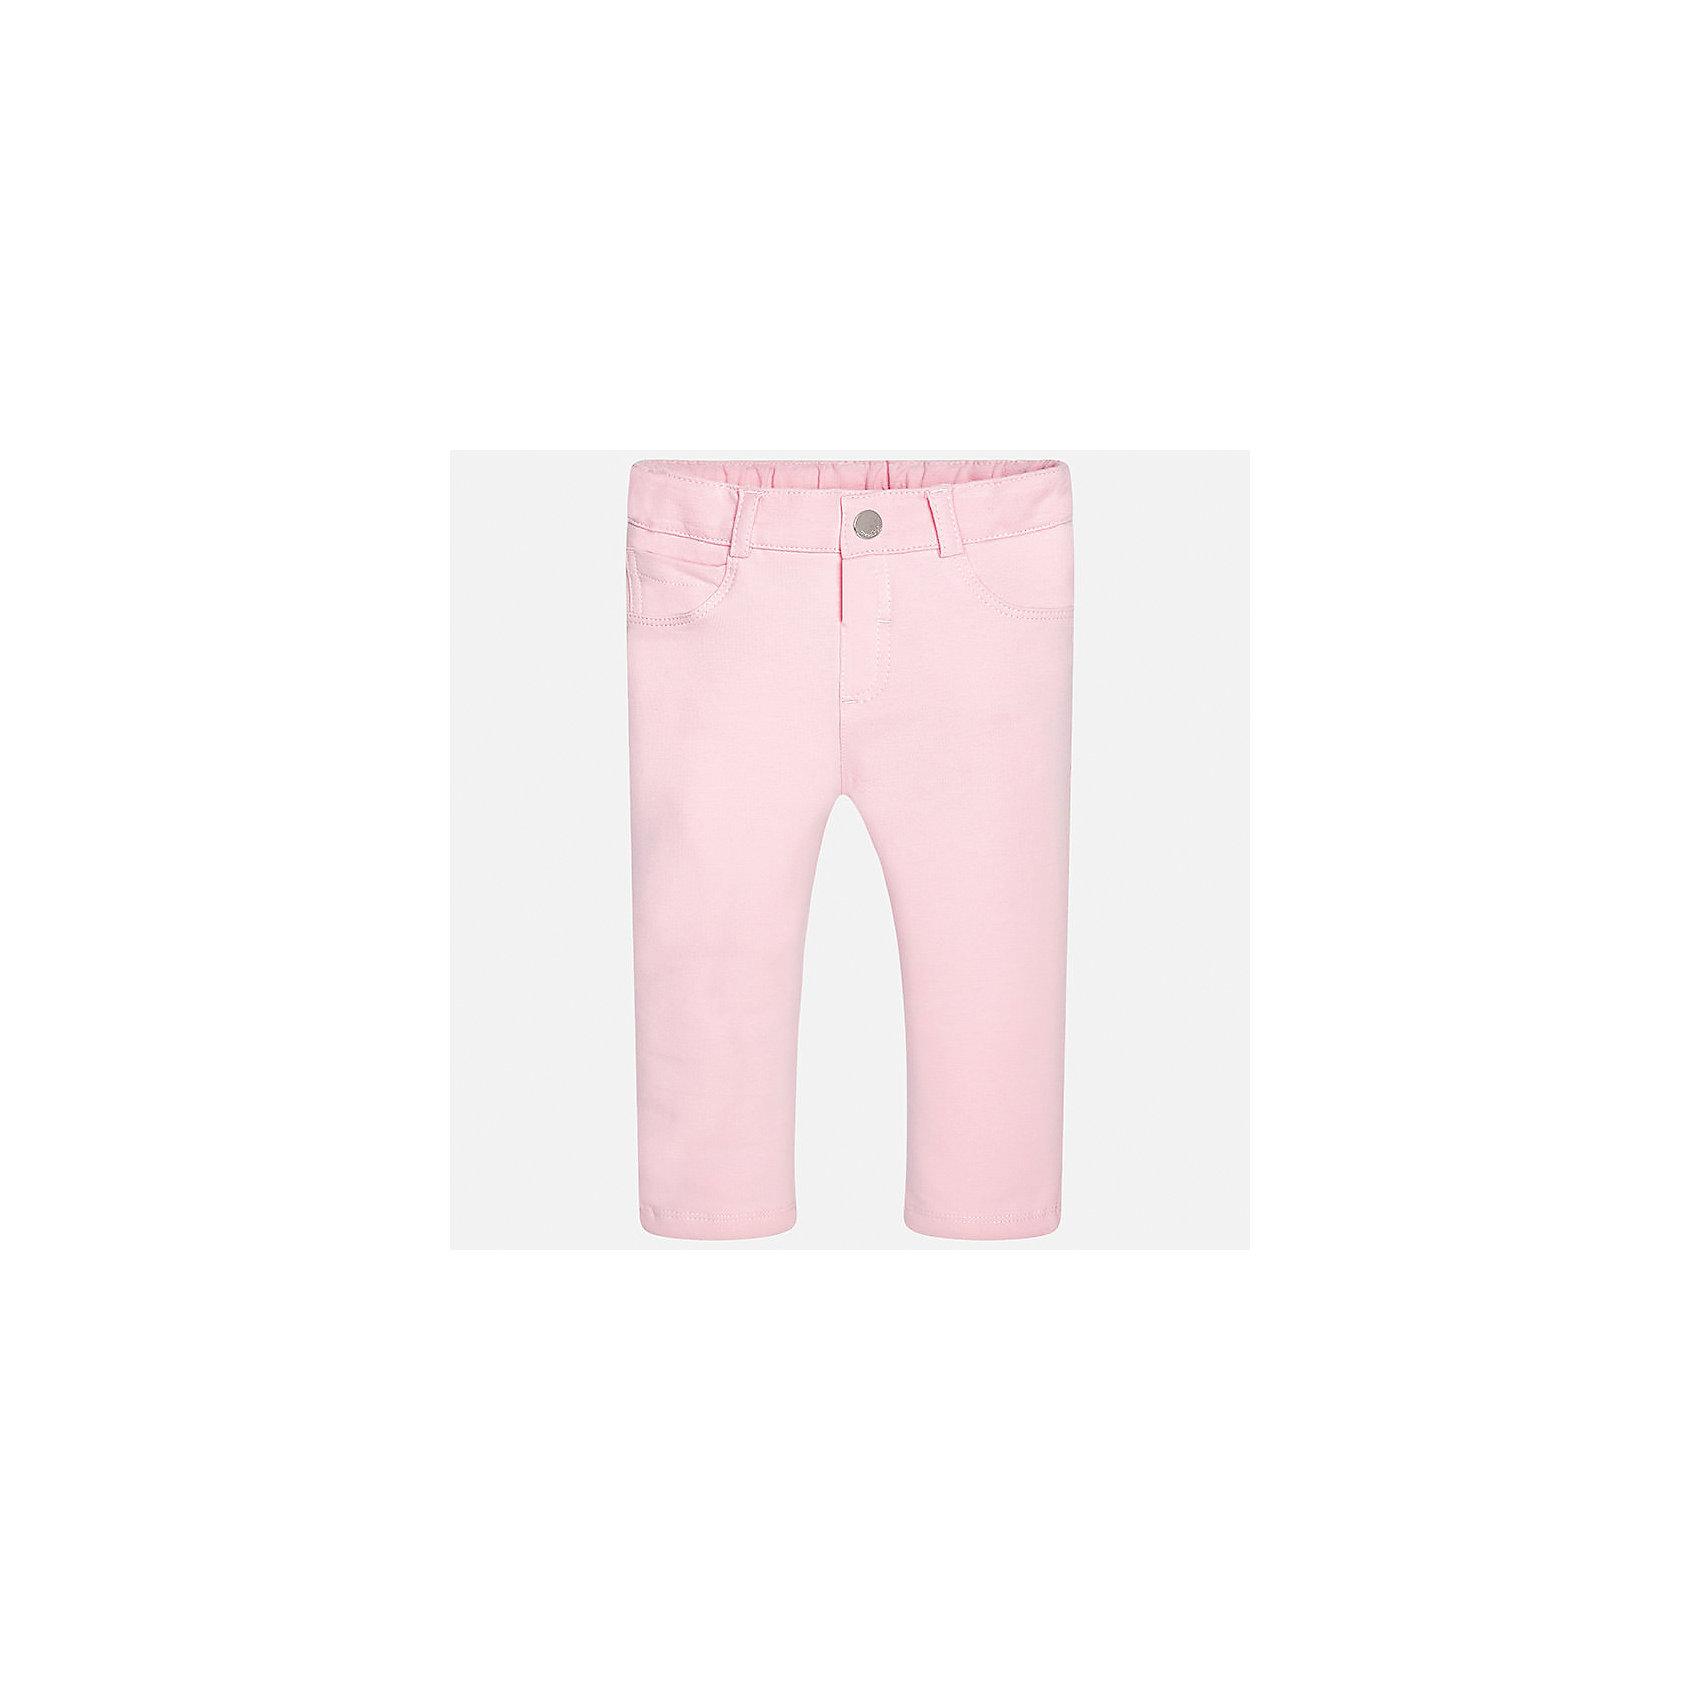 Брюки для девочки MayoralБрюки<br>Характеристики товара:<br><br>• цвет: розовый<br>• состав: 95% хлопок, 5% эластан<br>• шлевки<br>• эластичный материал<br>• классический силуэт<br>• страна бренда: Испания<br><br>Модные брюки для девочки смогут разнообразить гардероб ребенка и украсить наряд. Они отлично сочетаются с майками, футболками, блузками. Красивый оттенок позволяет подобрать к вещи верх разных расцветок. В составе материала - натуральный хлопок, гипоаллергенный, приятный на ощупь, дышащий. Леггинсы отлично сидят и не стесняют движения.<br><br>Одежда, обувь и аксессуары от испанского бренда Mayoral полюбились детям и взрослым по всему миру. Модели этой марки - стильные и удобные. Для их производства используются только безопасные, качественные материалы и фурнитура. Порадуйте ребенка модными и красивыми вещами от Mayoral! <br><br>Брюки для девочки от испанского бренда Mayoral (Майорал) можно купить в нашем интернет-магазине.<br><br>Ширина мм: 123<br>Глубина мм: 10<br>Высота мм: 149<br>Вес г: 209<br>Цвет: фиолетовый<br>Возраст от месяцев: 18<br>Возраст до месяцев: 24<br>Пол: Женский<br>Возраст: Детский<br>Размер: 92,86,74,80<br>SKU: 5300035